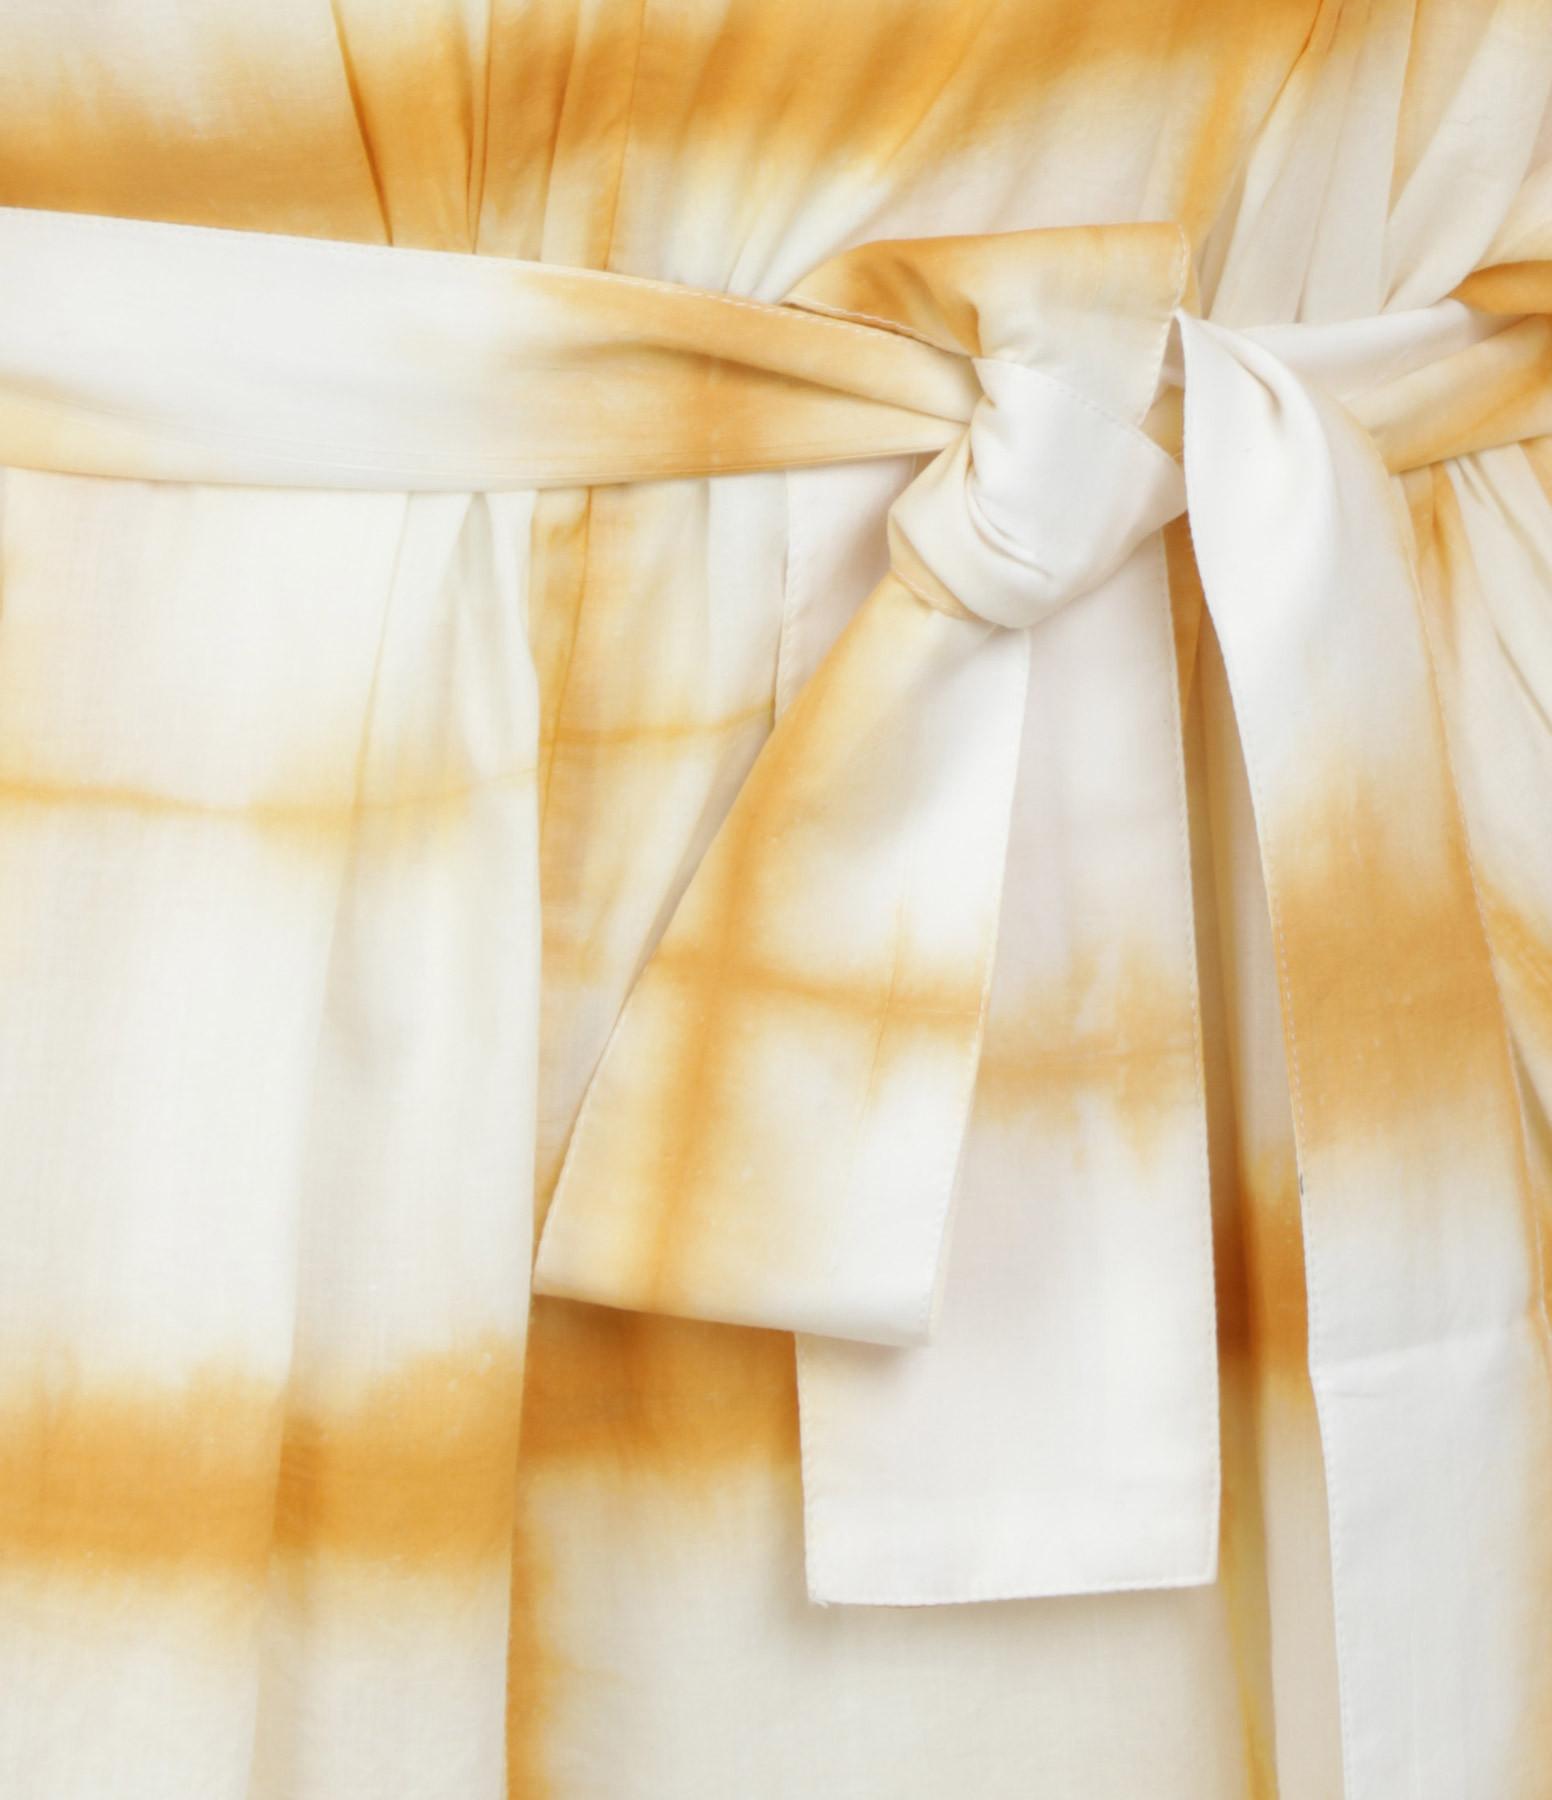 MAISON HAUSSMANN - Robe Coton Daloa Imprimé